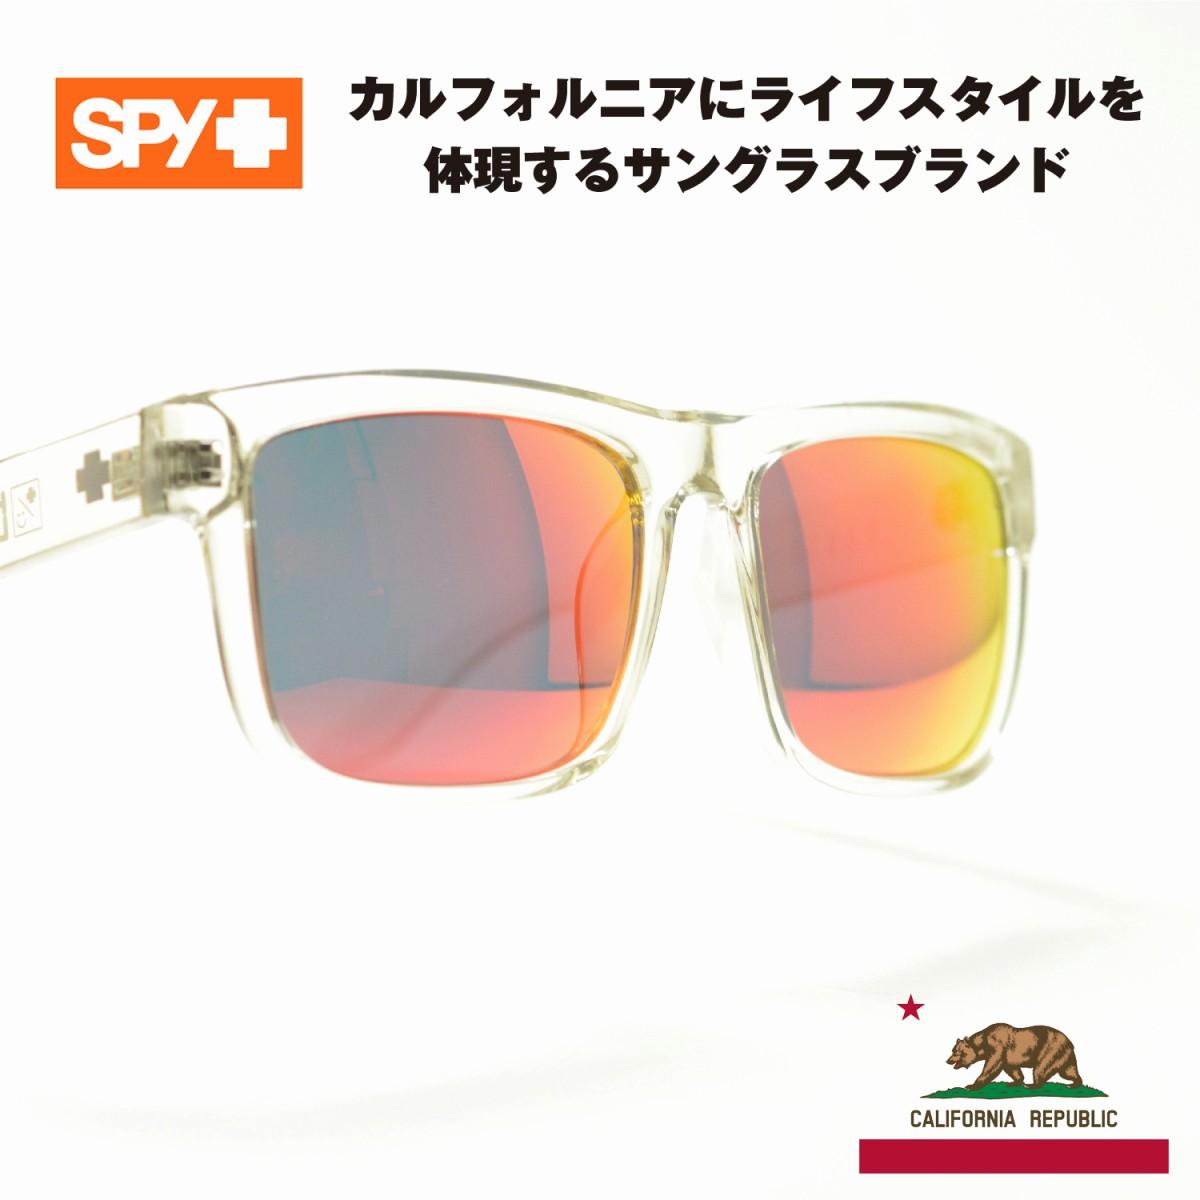 SPY スパイ DISCORD ディスコード クリア/グレーレッドミラーメガネ 眼鏡 めがね メンズ レディース おしゃれ ブランド 人気 おすすめ フレーム 流行り 度付き レンズ サングラス